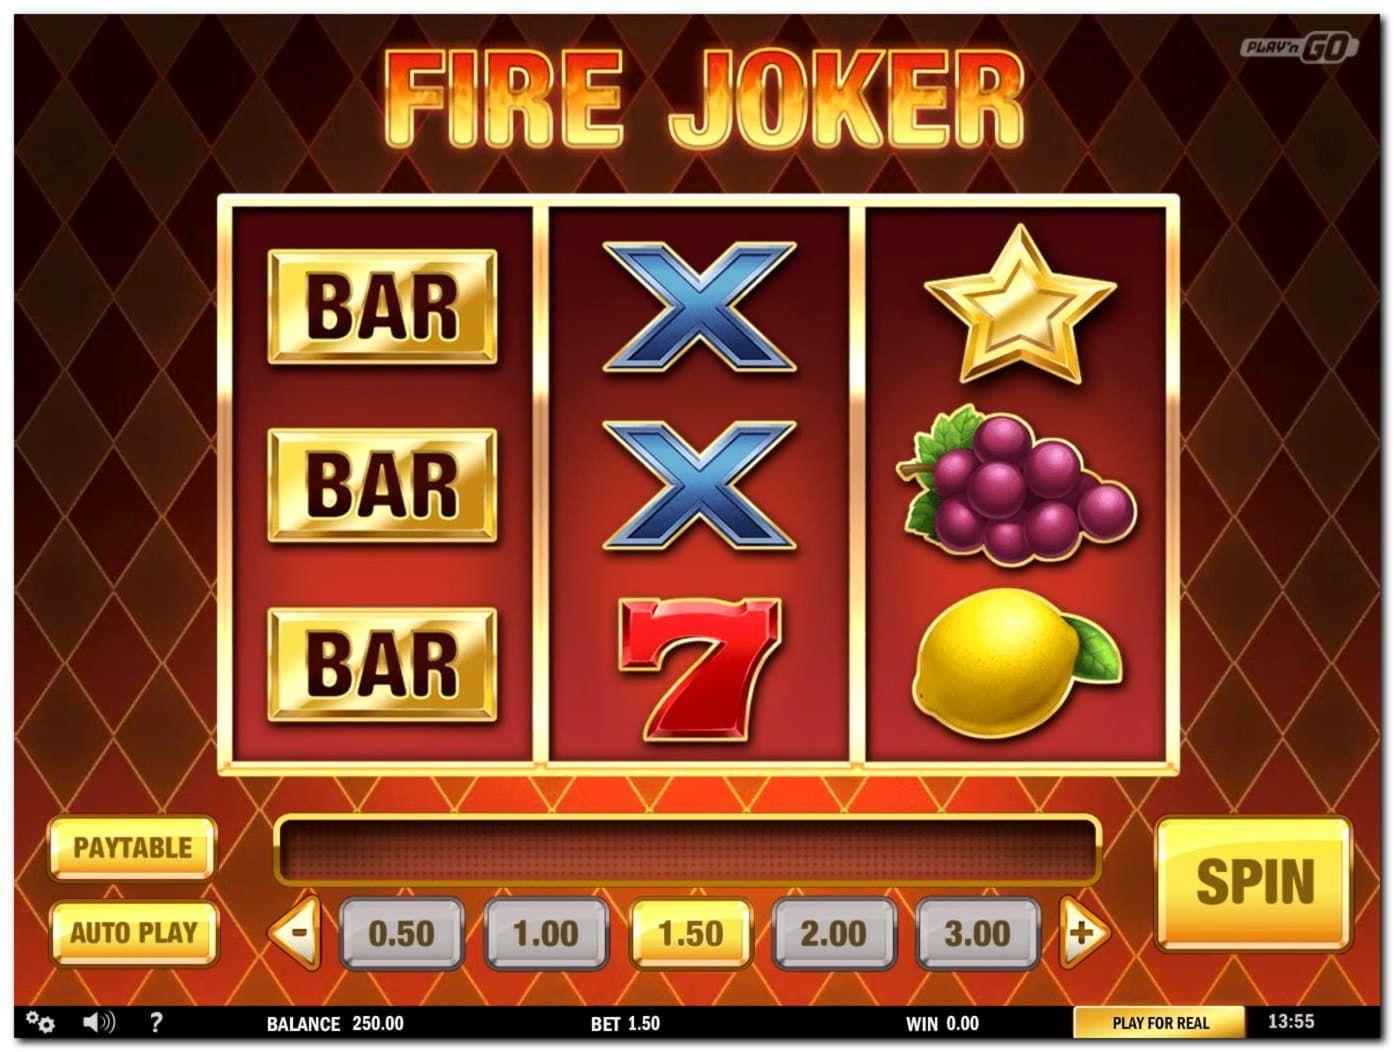 Best Casino Signup Bonus No Deposit